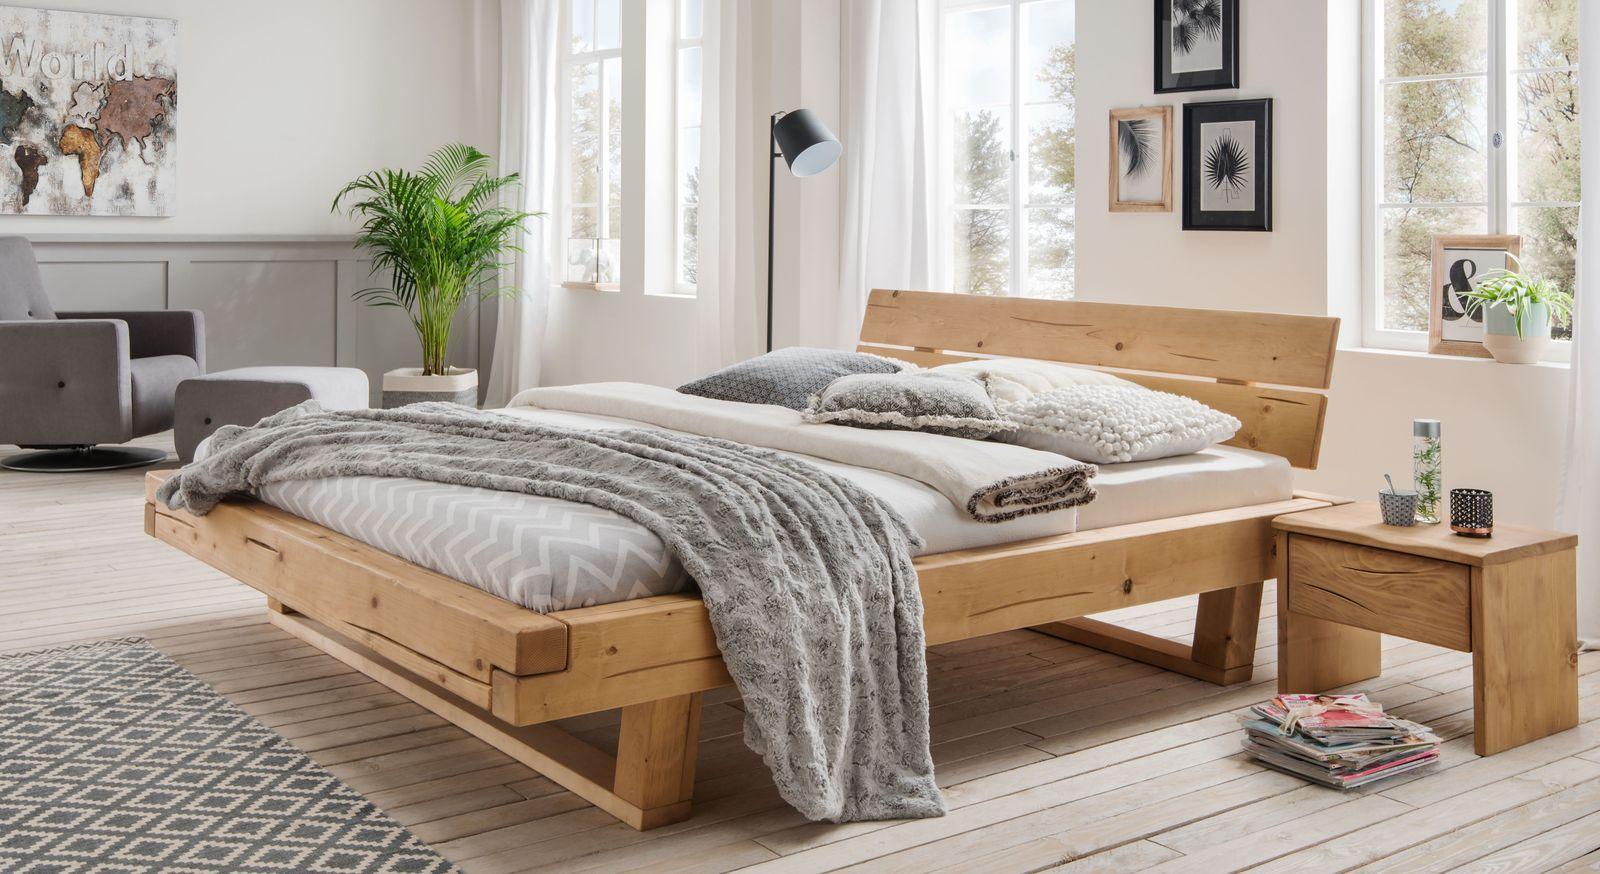 Bett Basiliano mit dazu passenden Produkten